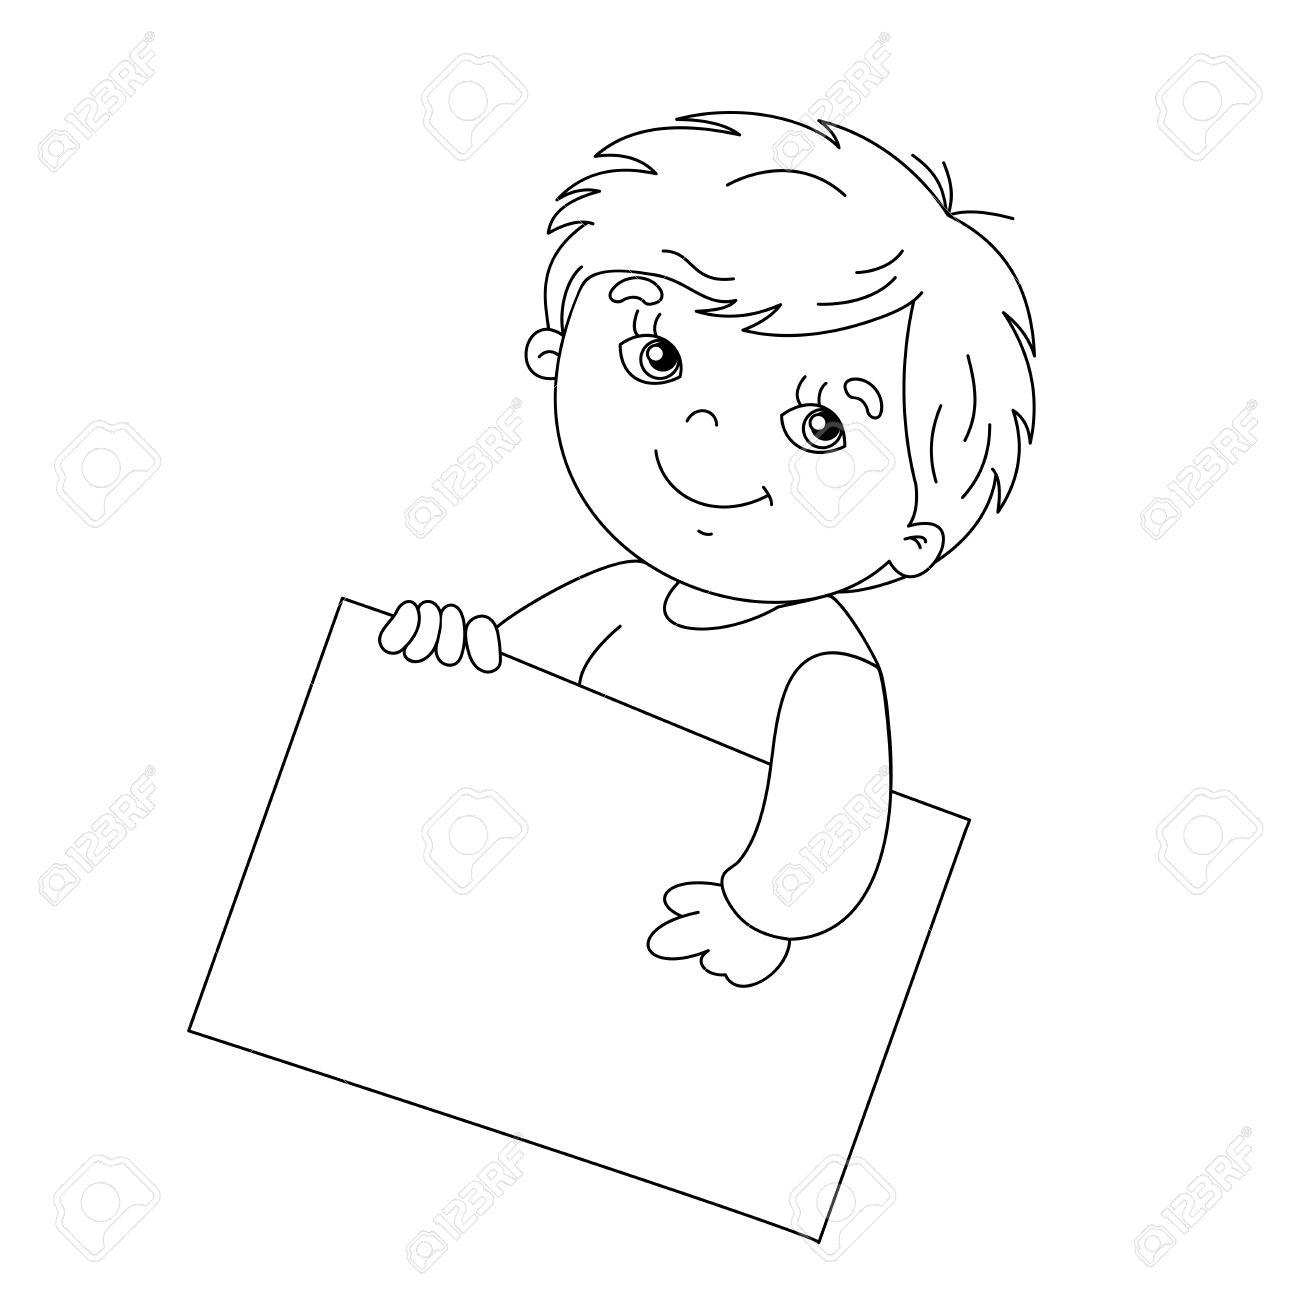 看板を持っているかわいい男の子のぬりえページ概要のイラスト素材